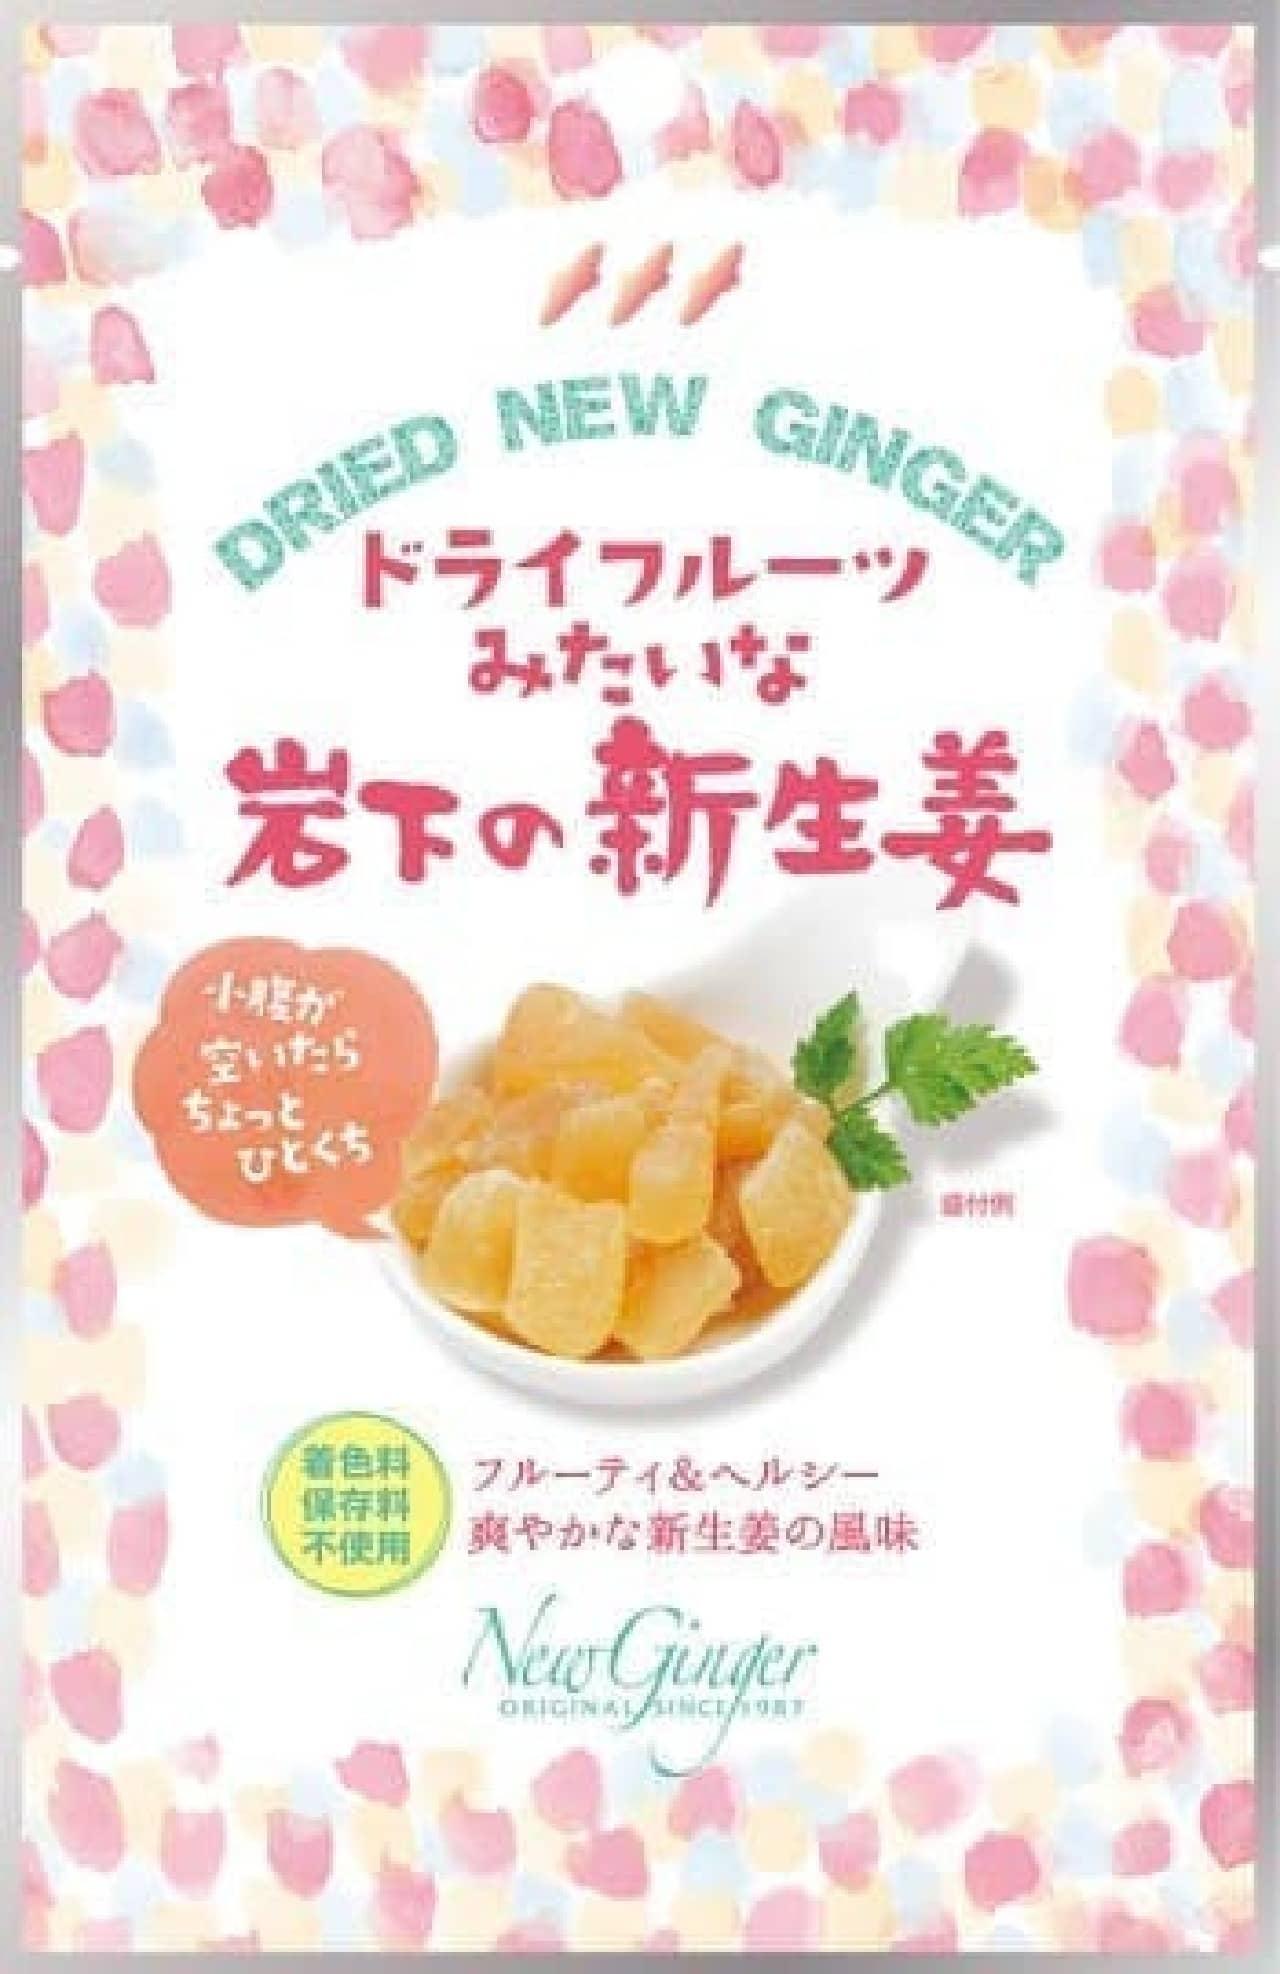 岩下食品「ドライフルーツみたいな岩下の新生姜」